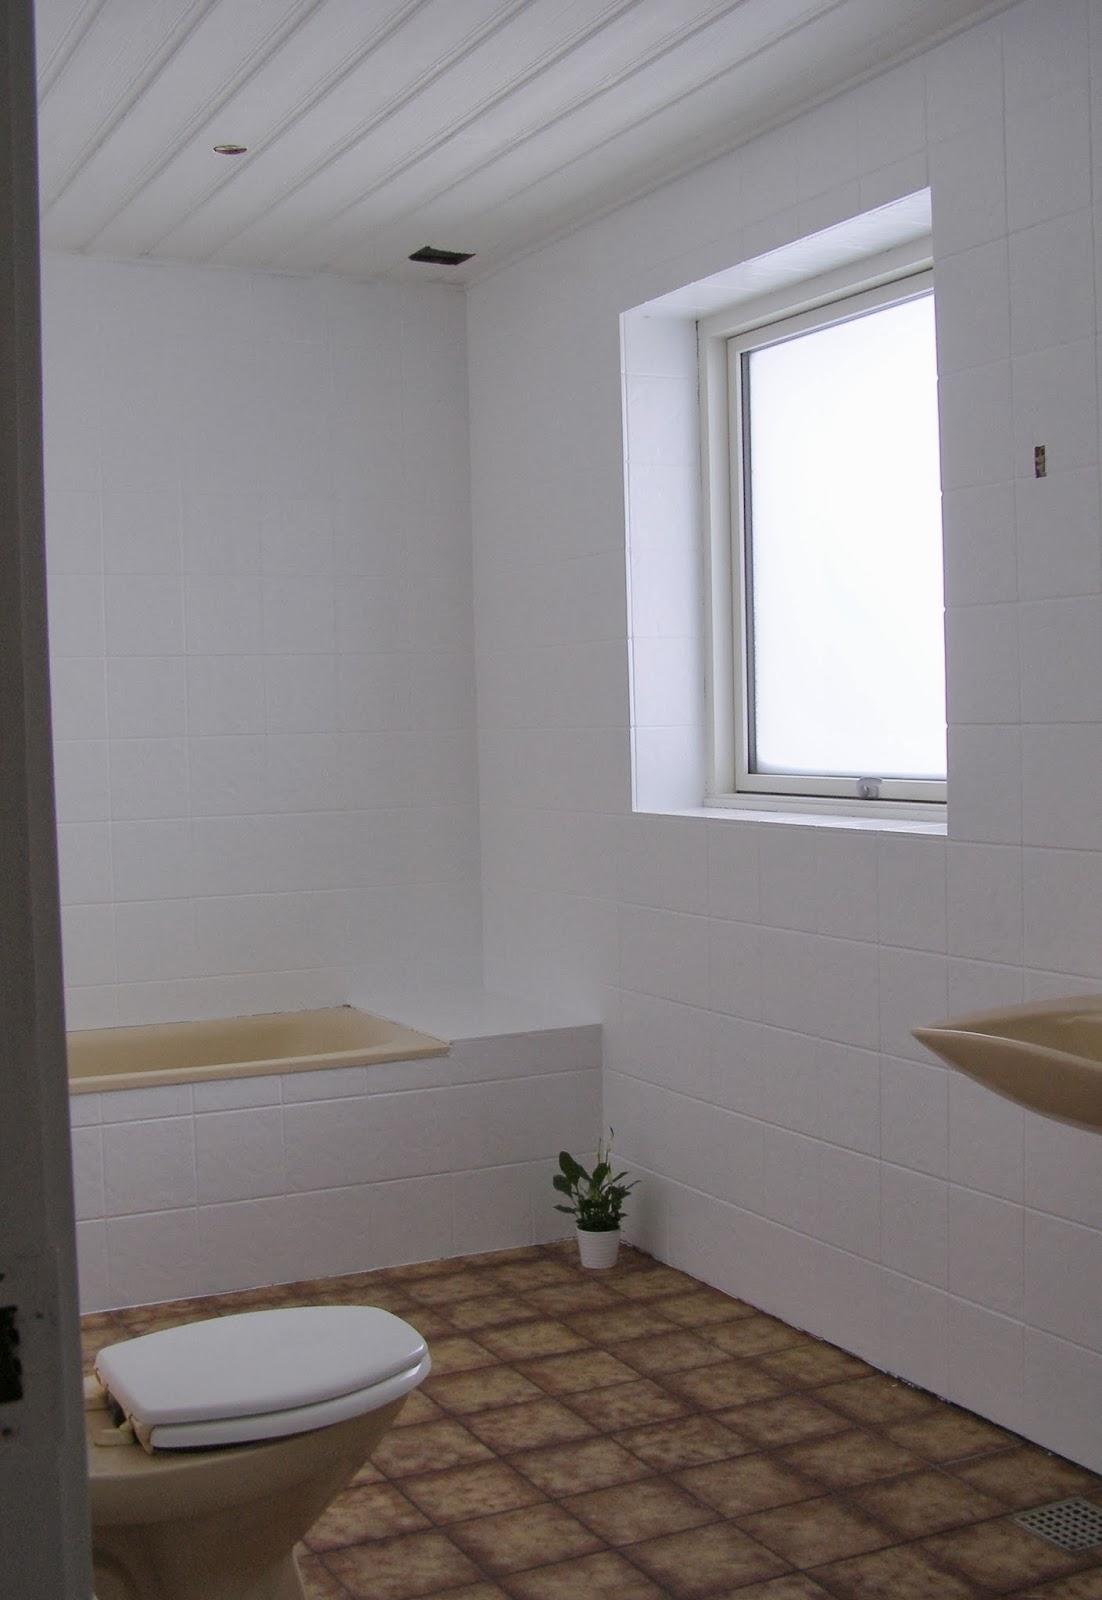 Halager: Fra skrot til slot - De færdige rum: Badeværelset